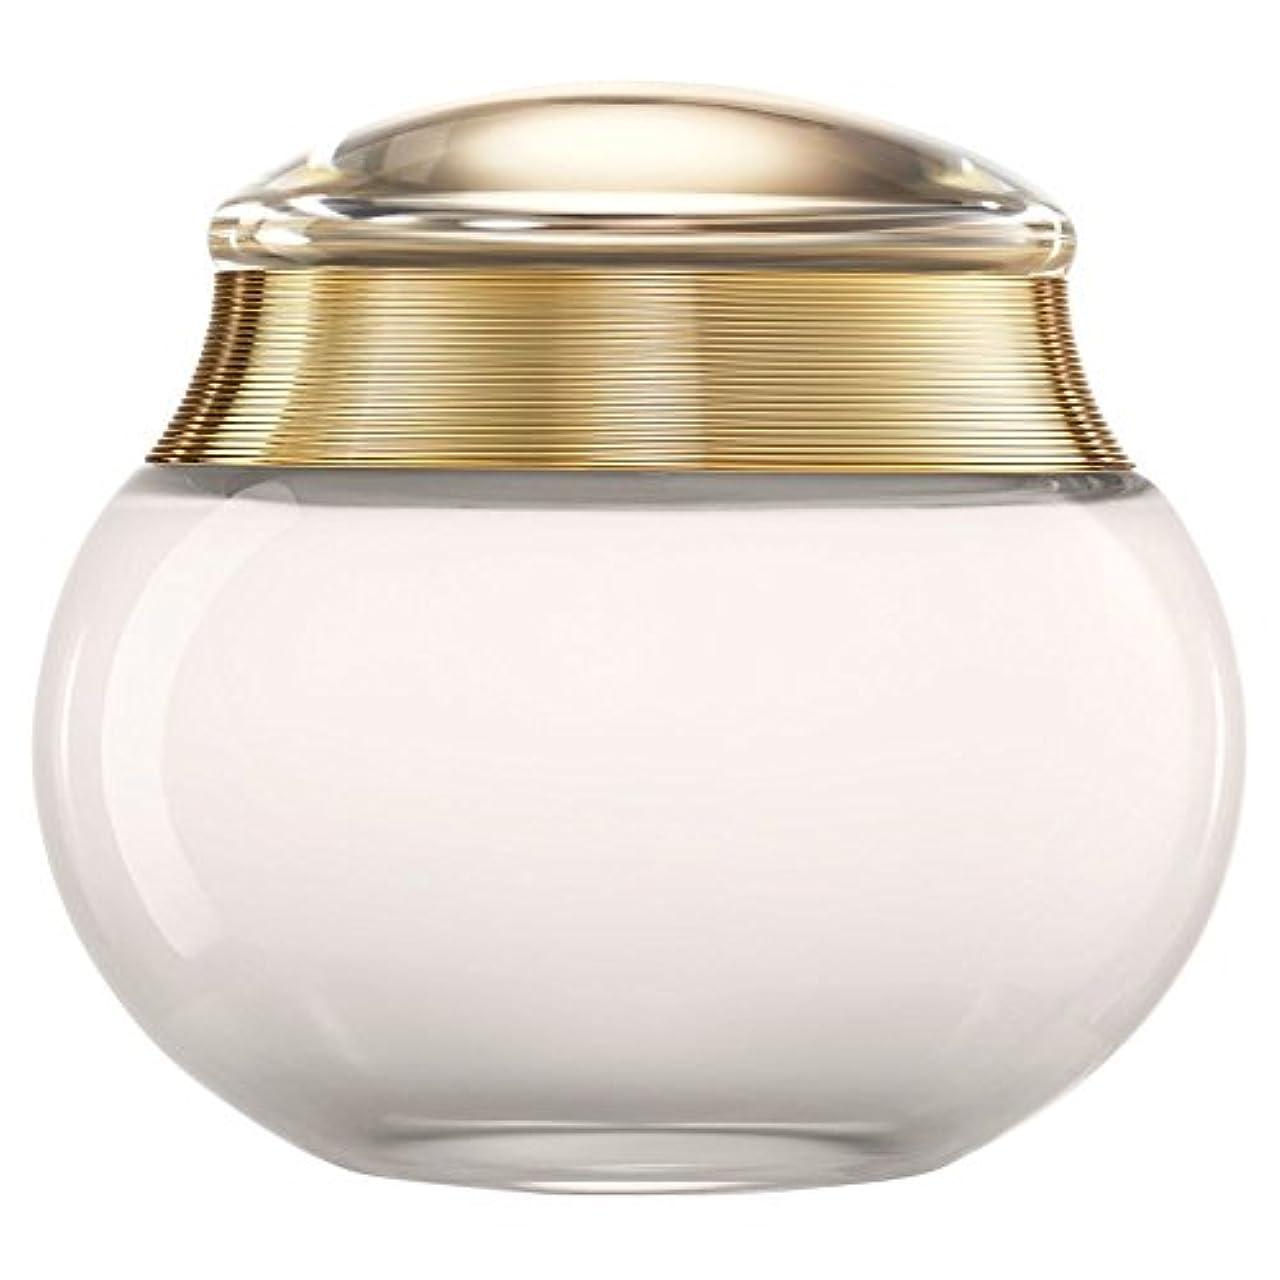 ジョリー優雅な細断[Dior] ディオールジャドールボディクリーム200ミリリットル - Dior J'Adore Body Cream 200ml [並行輸入品]